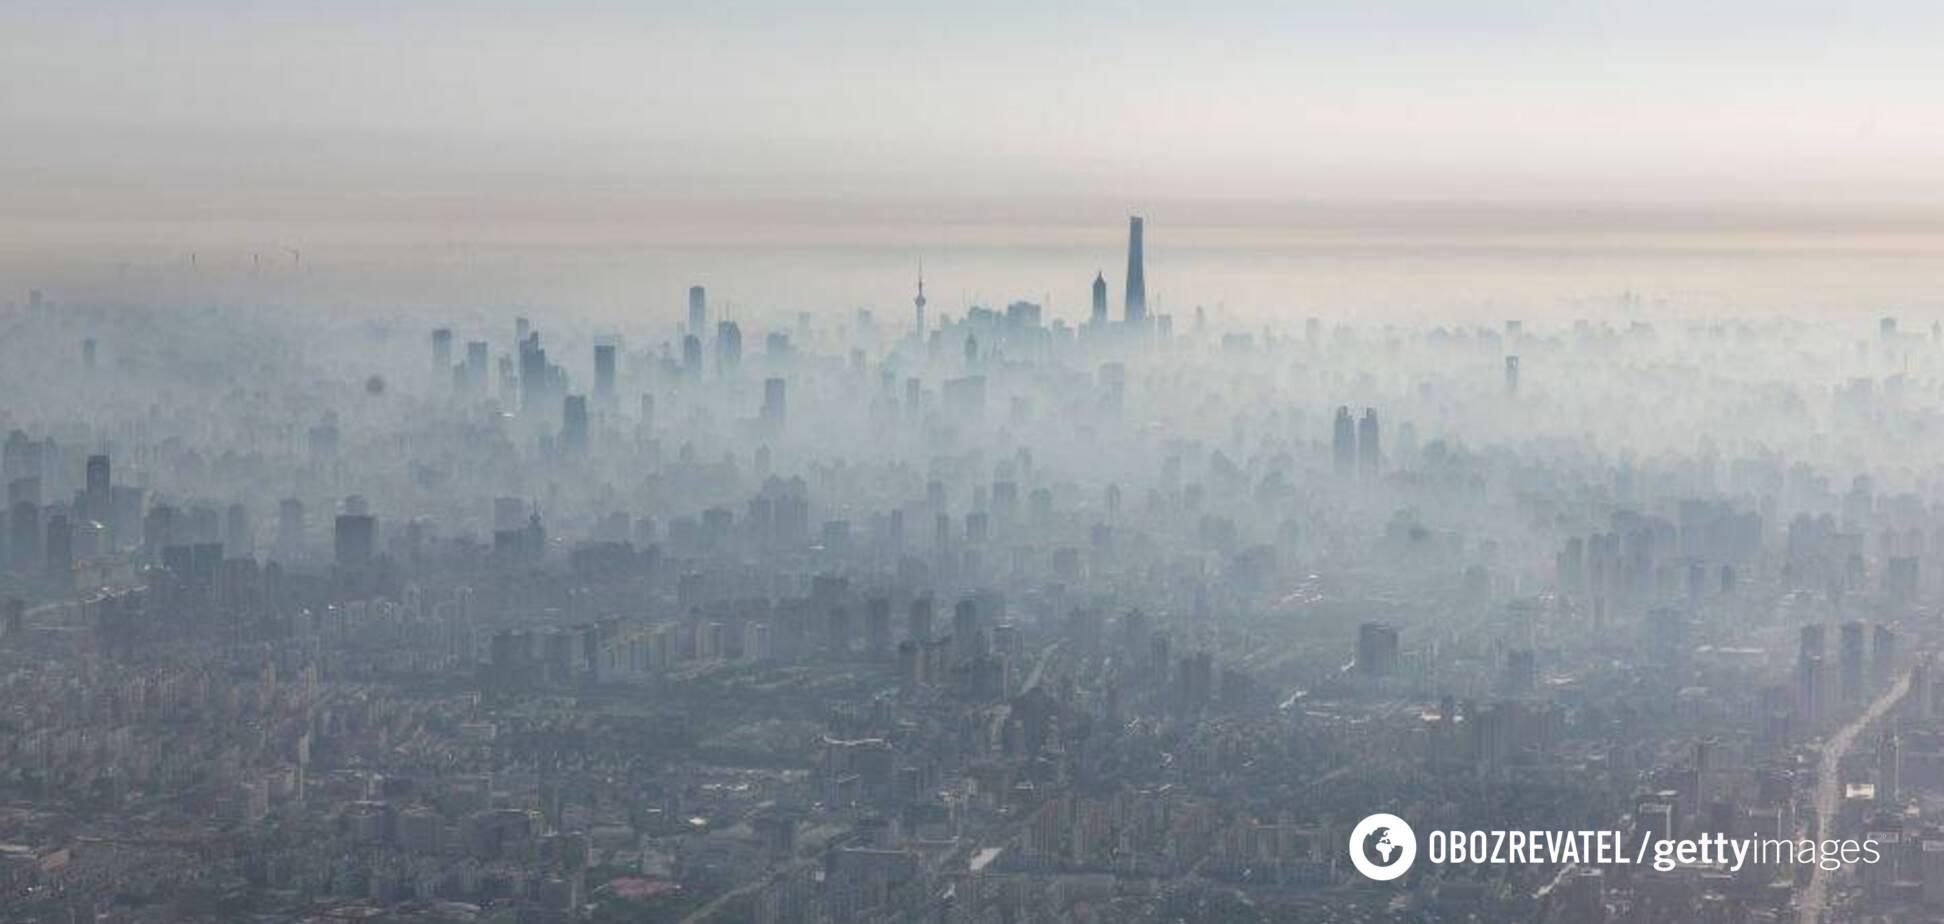 Через хвороби, викликані смогом, в Китаї з початку року померло майже 50 тис осіб